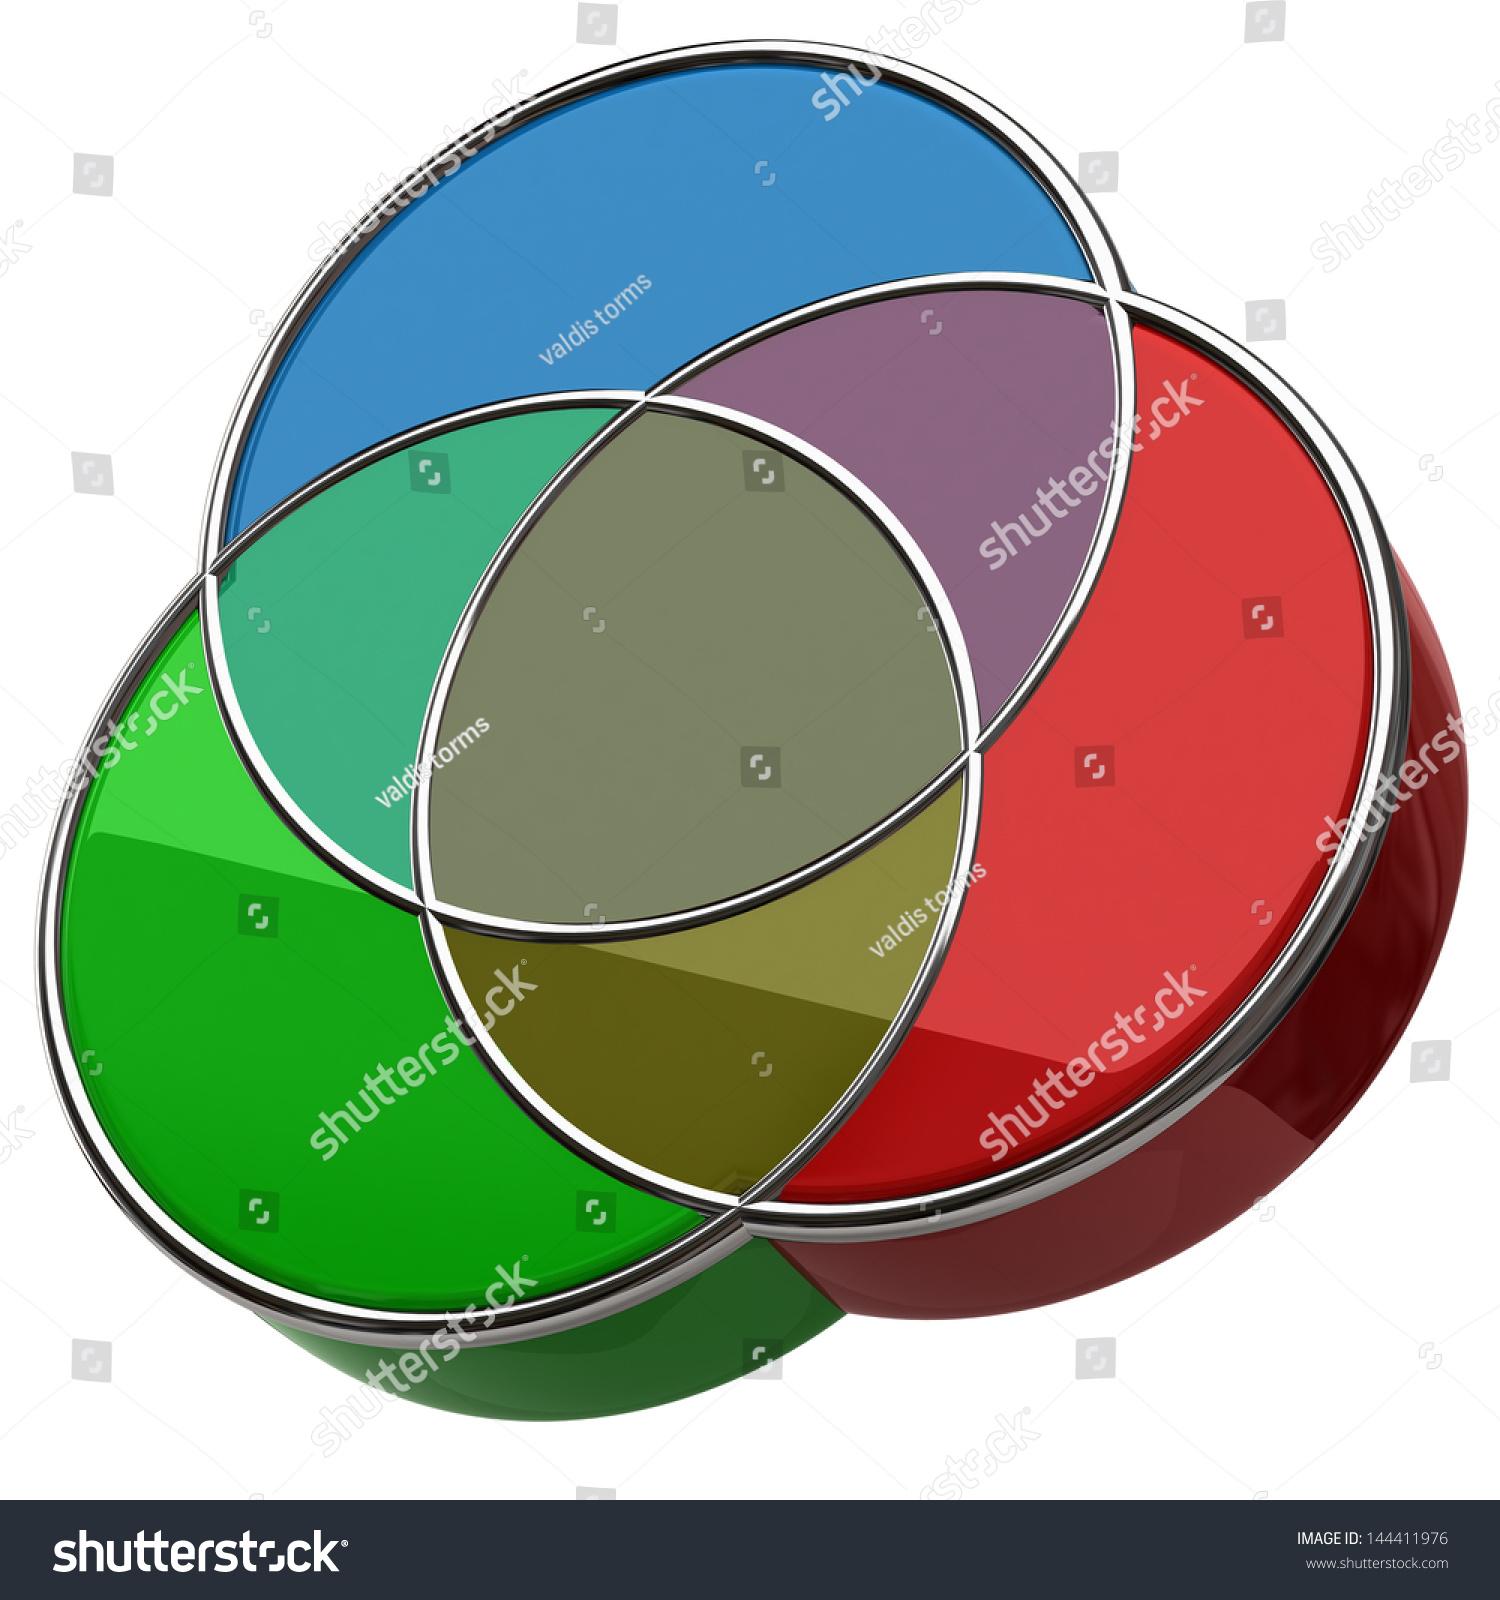 Blank Venn Diagram Stock Photo Shutterstock